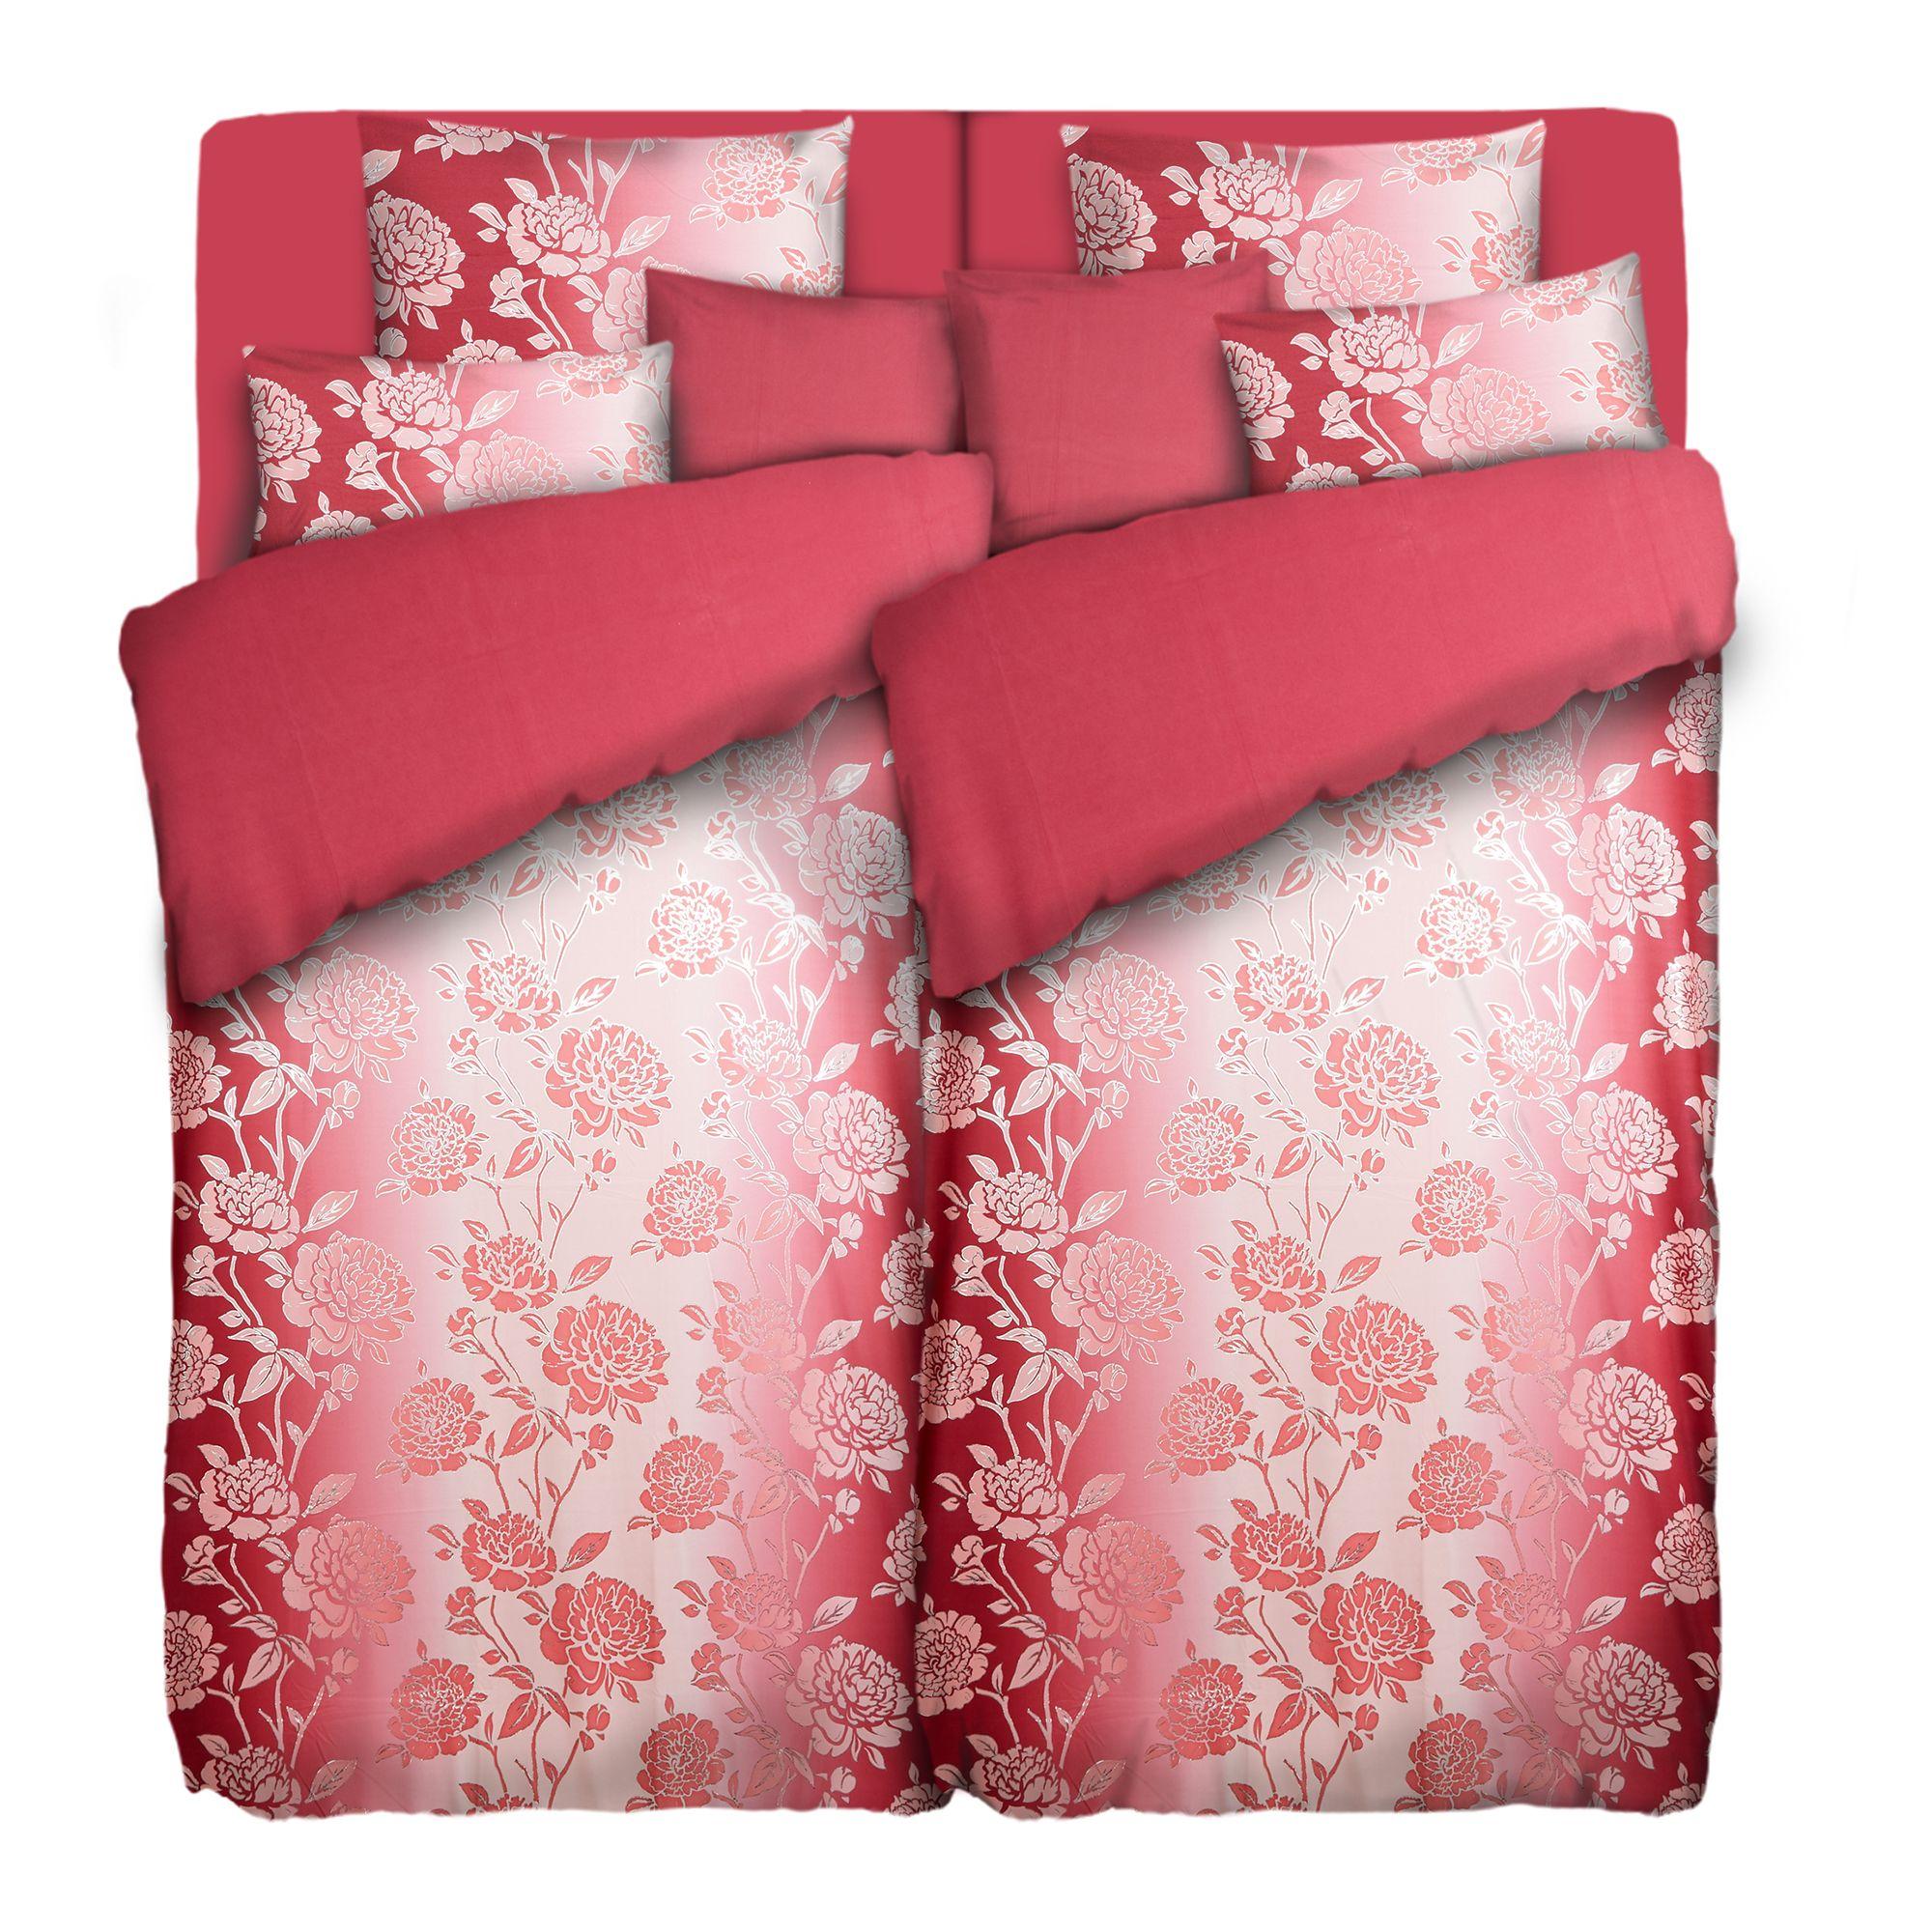 Möbel Wohnen Bettwäsche Jerymood Mf Jersey Interlock